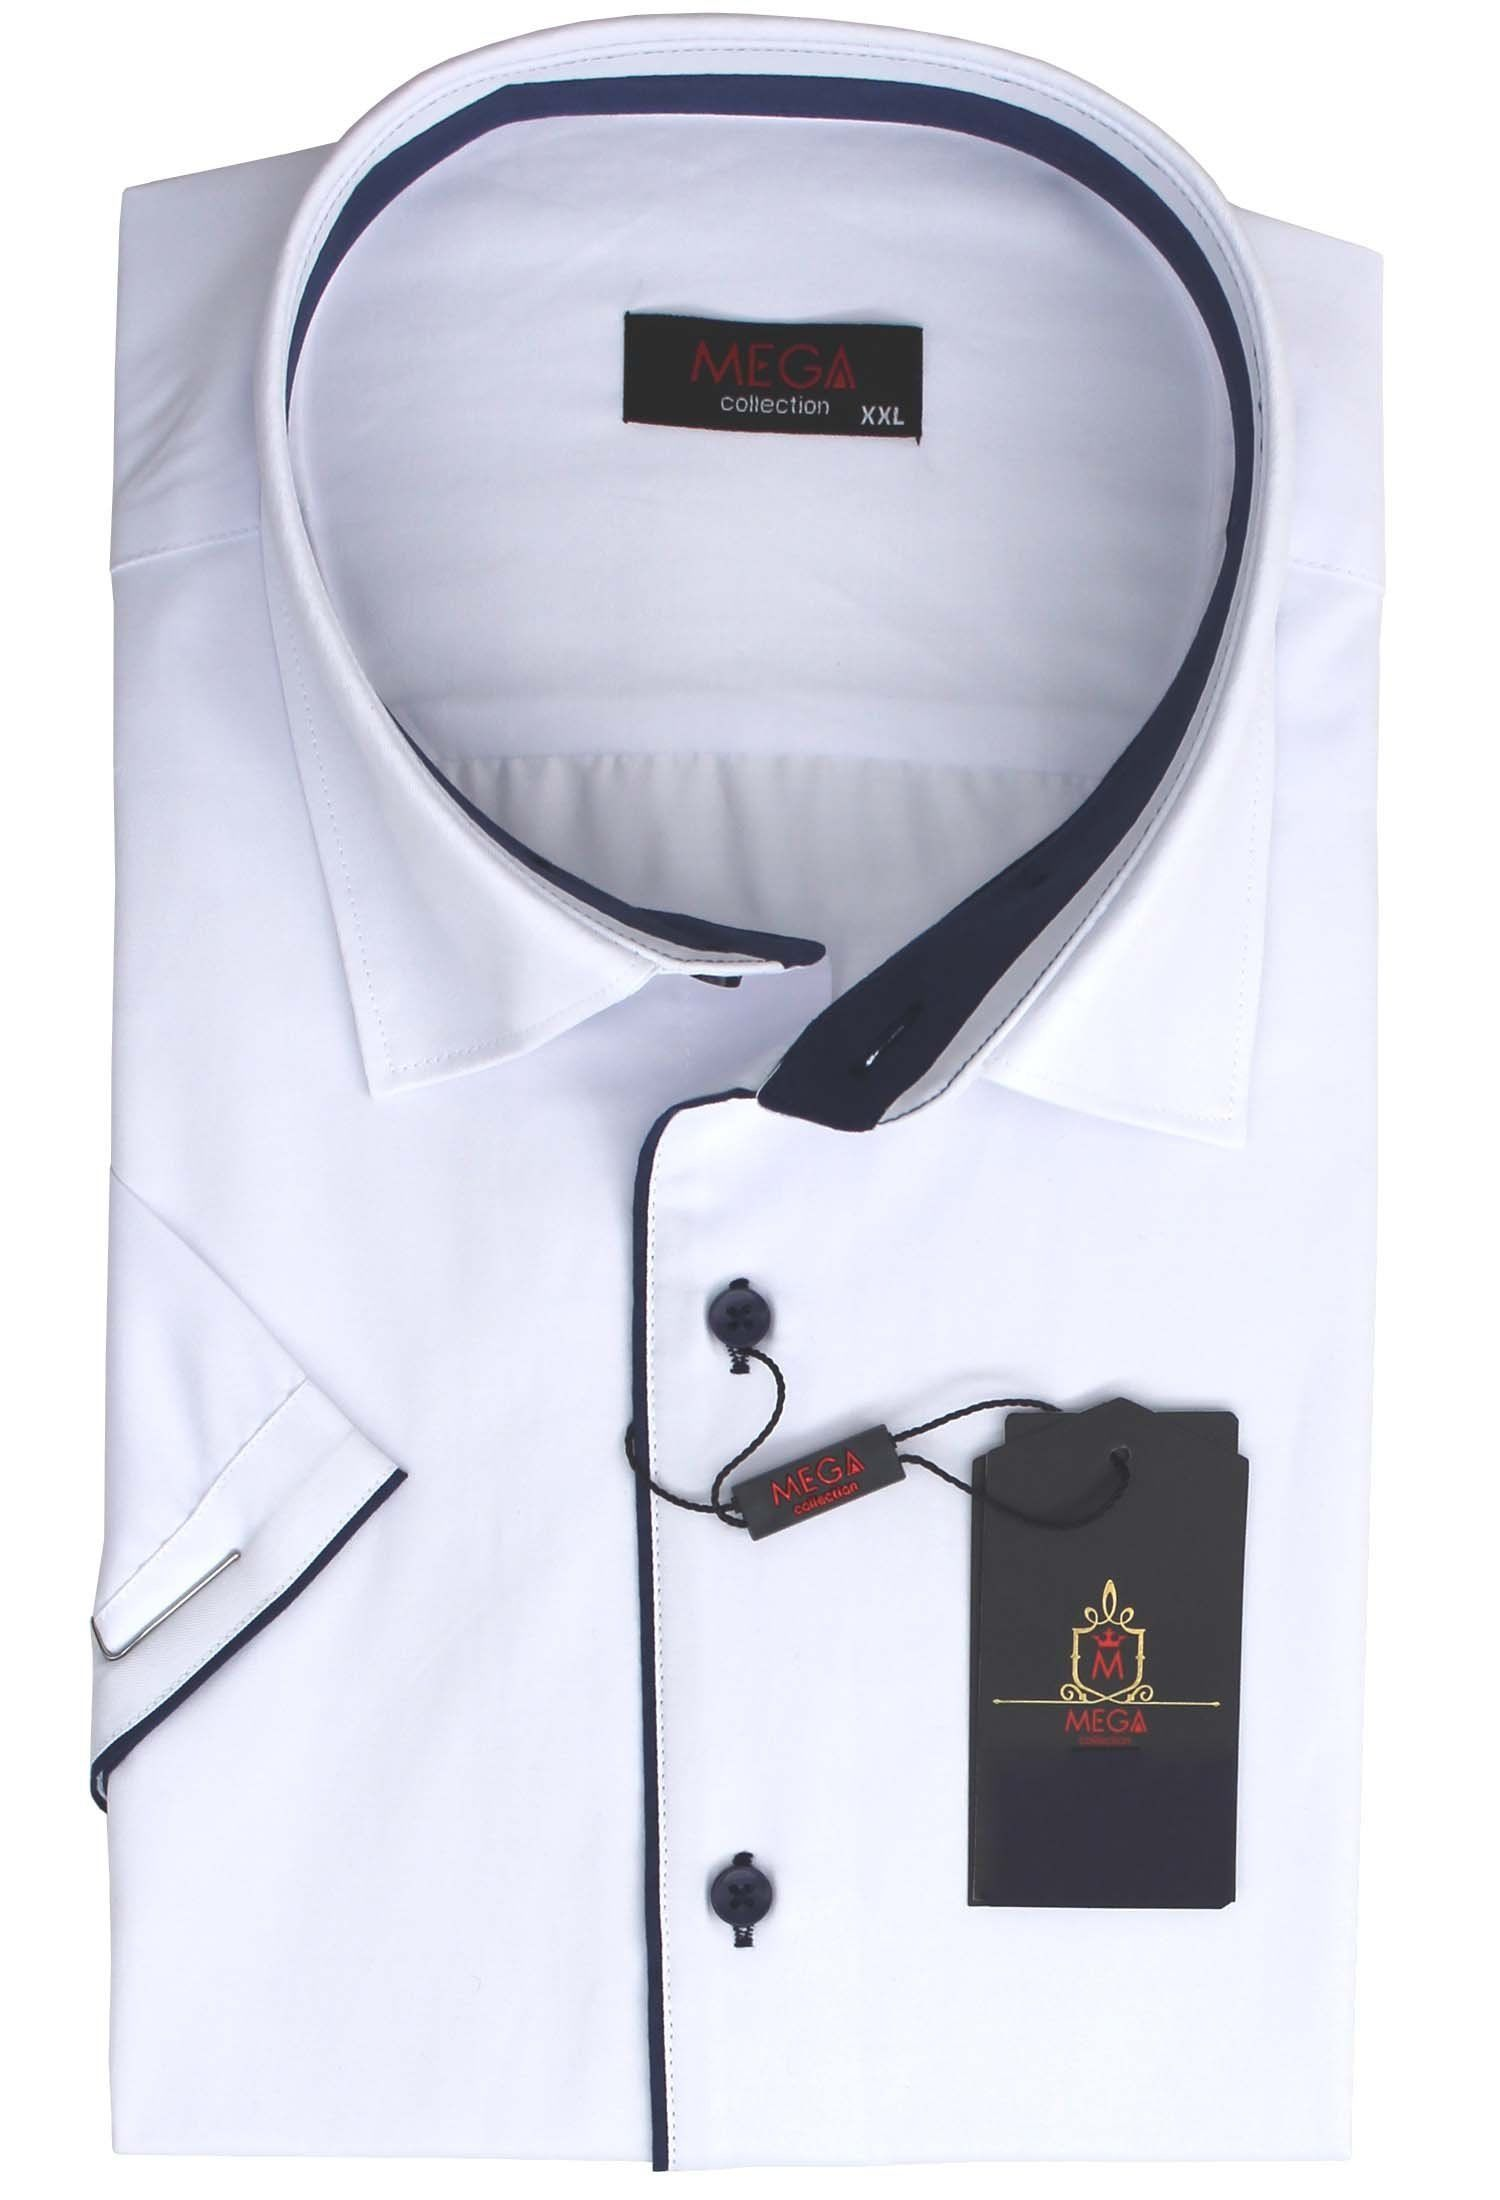 Biała Koszula Na Krótki Rękaw do Krawatu megakoszule.pl  e1LEk